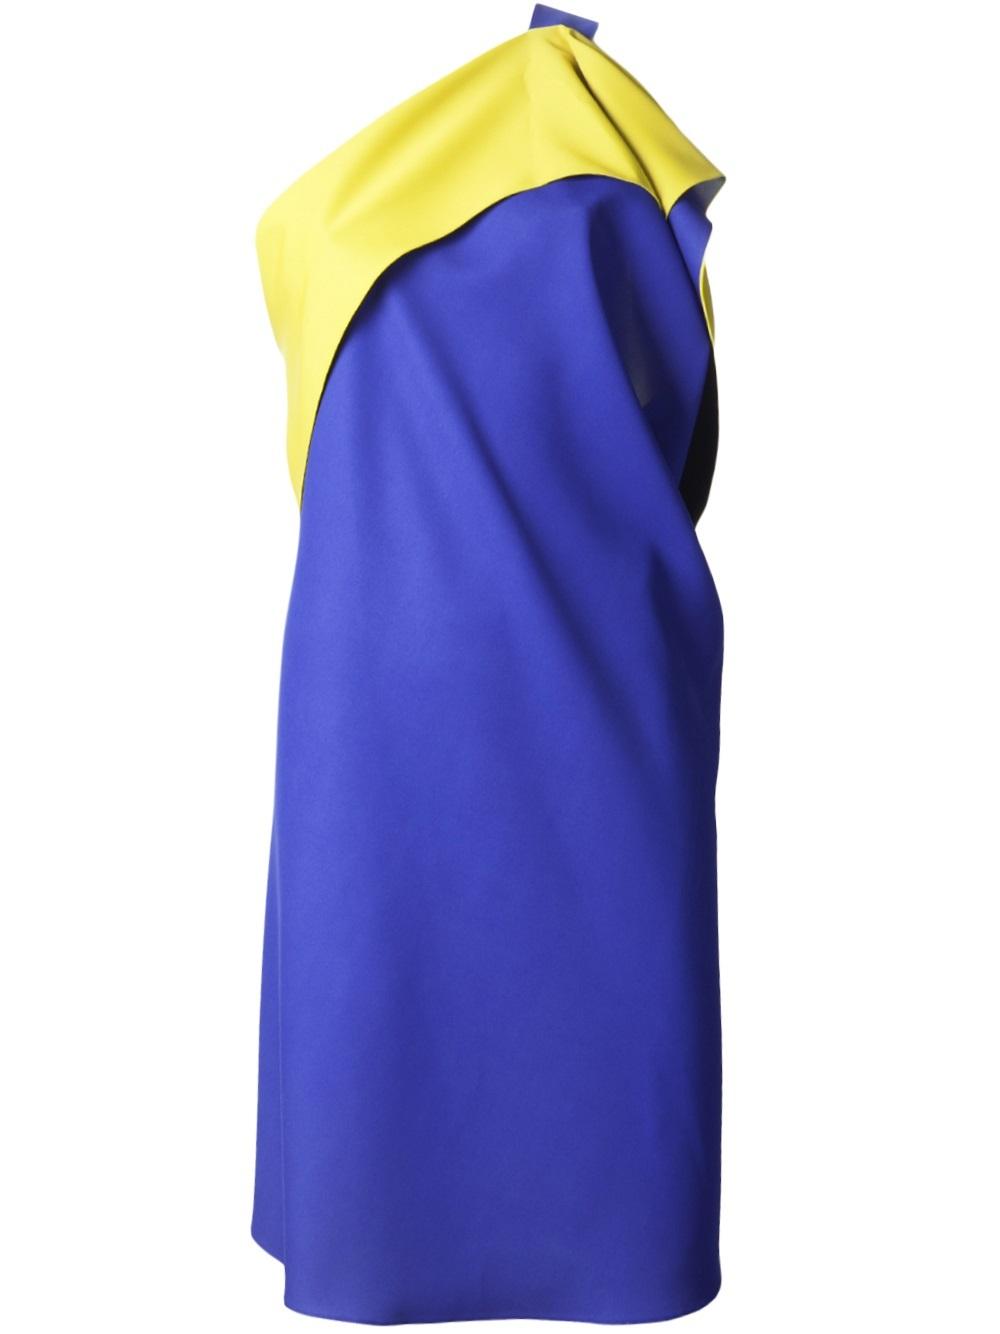 Maison Rabih Kayrouz robe en neoprene chez farfetch